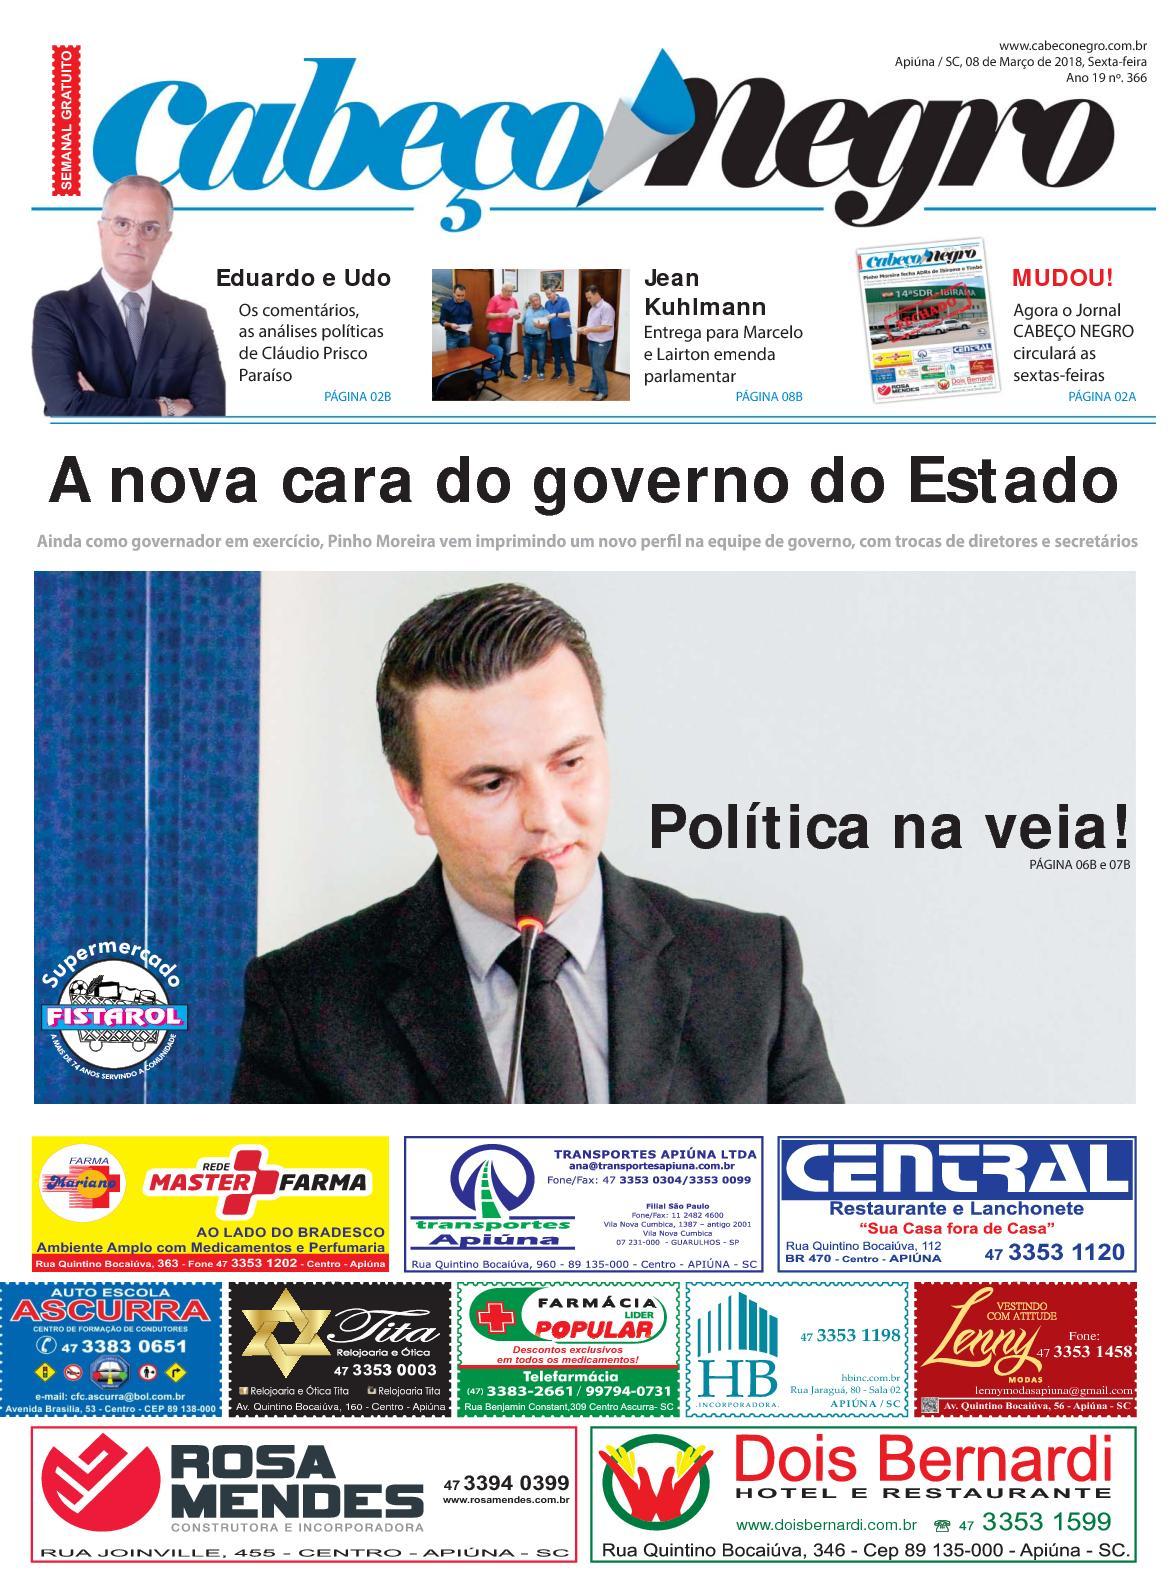 EDIÇÃO 366 09MAR2018